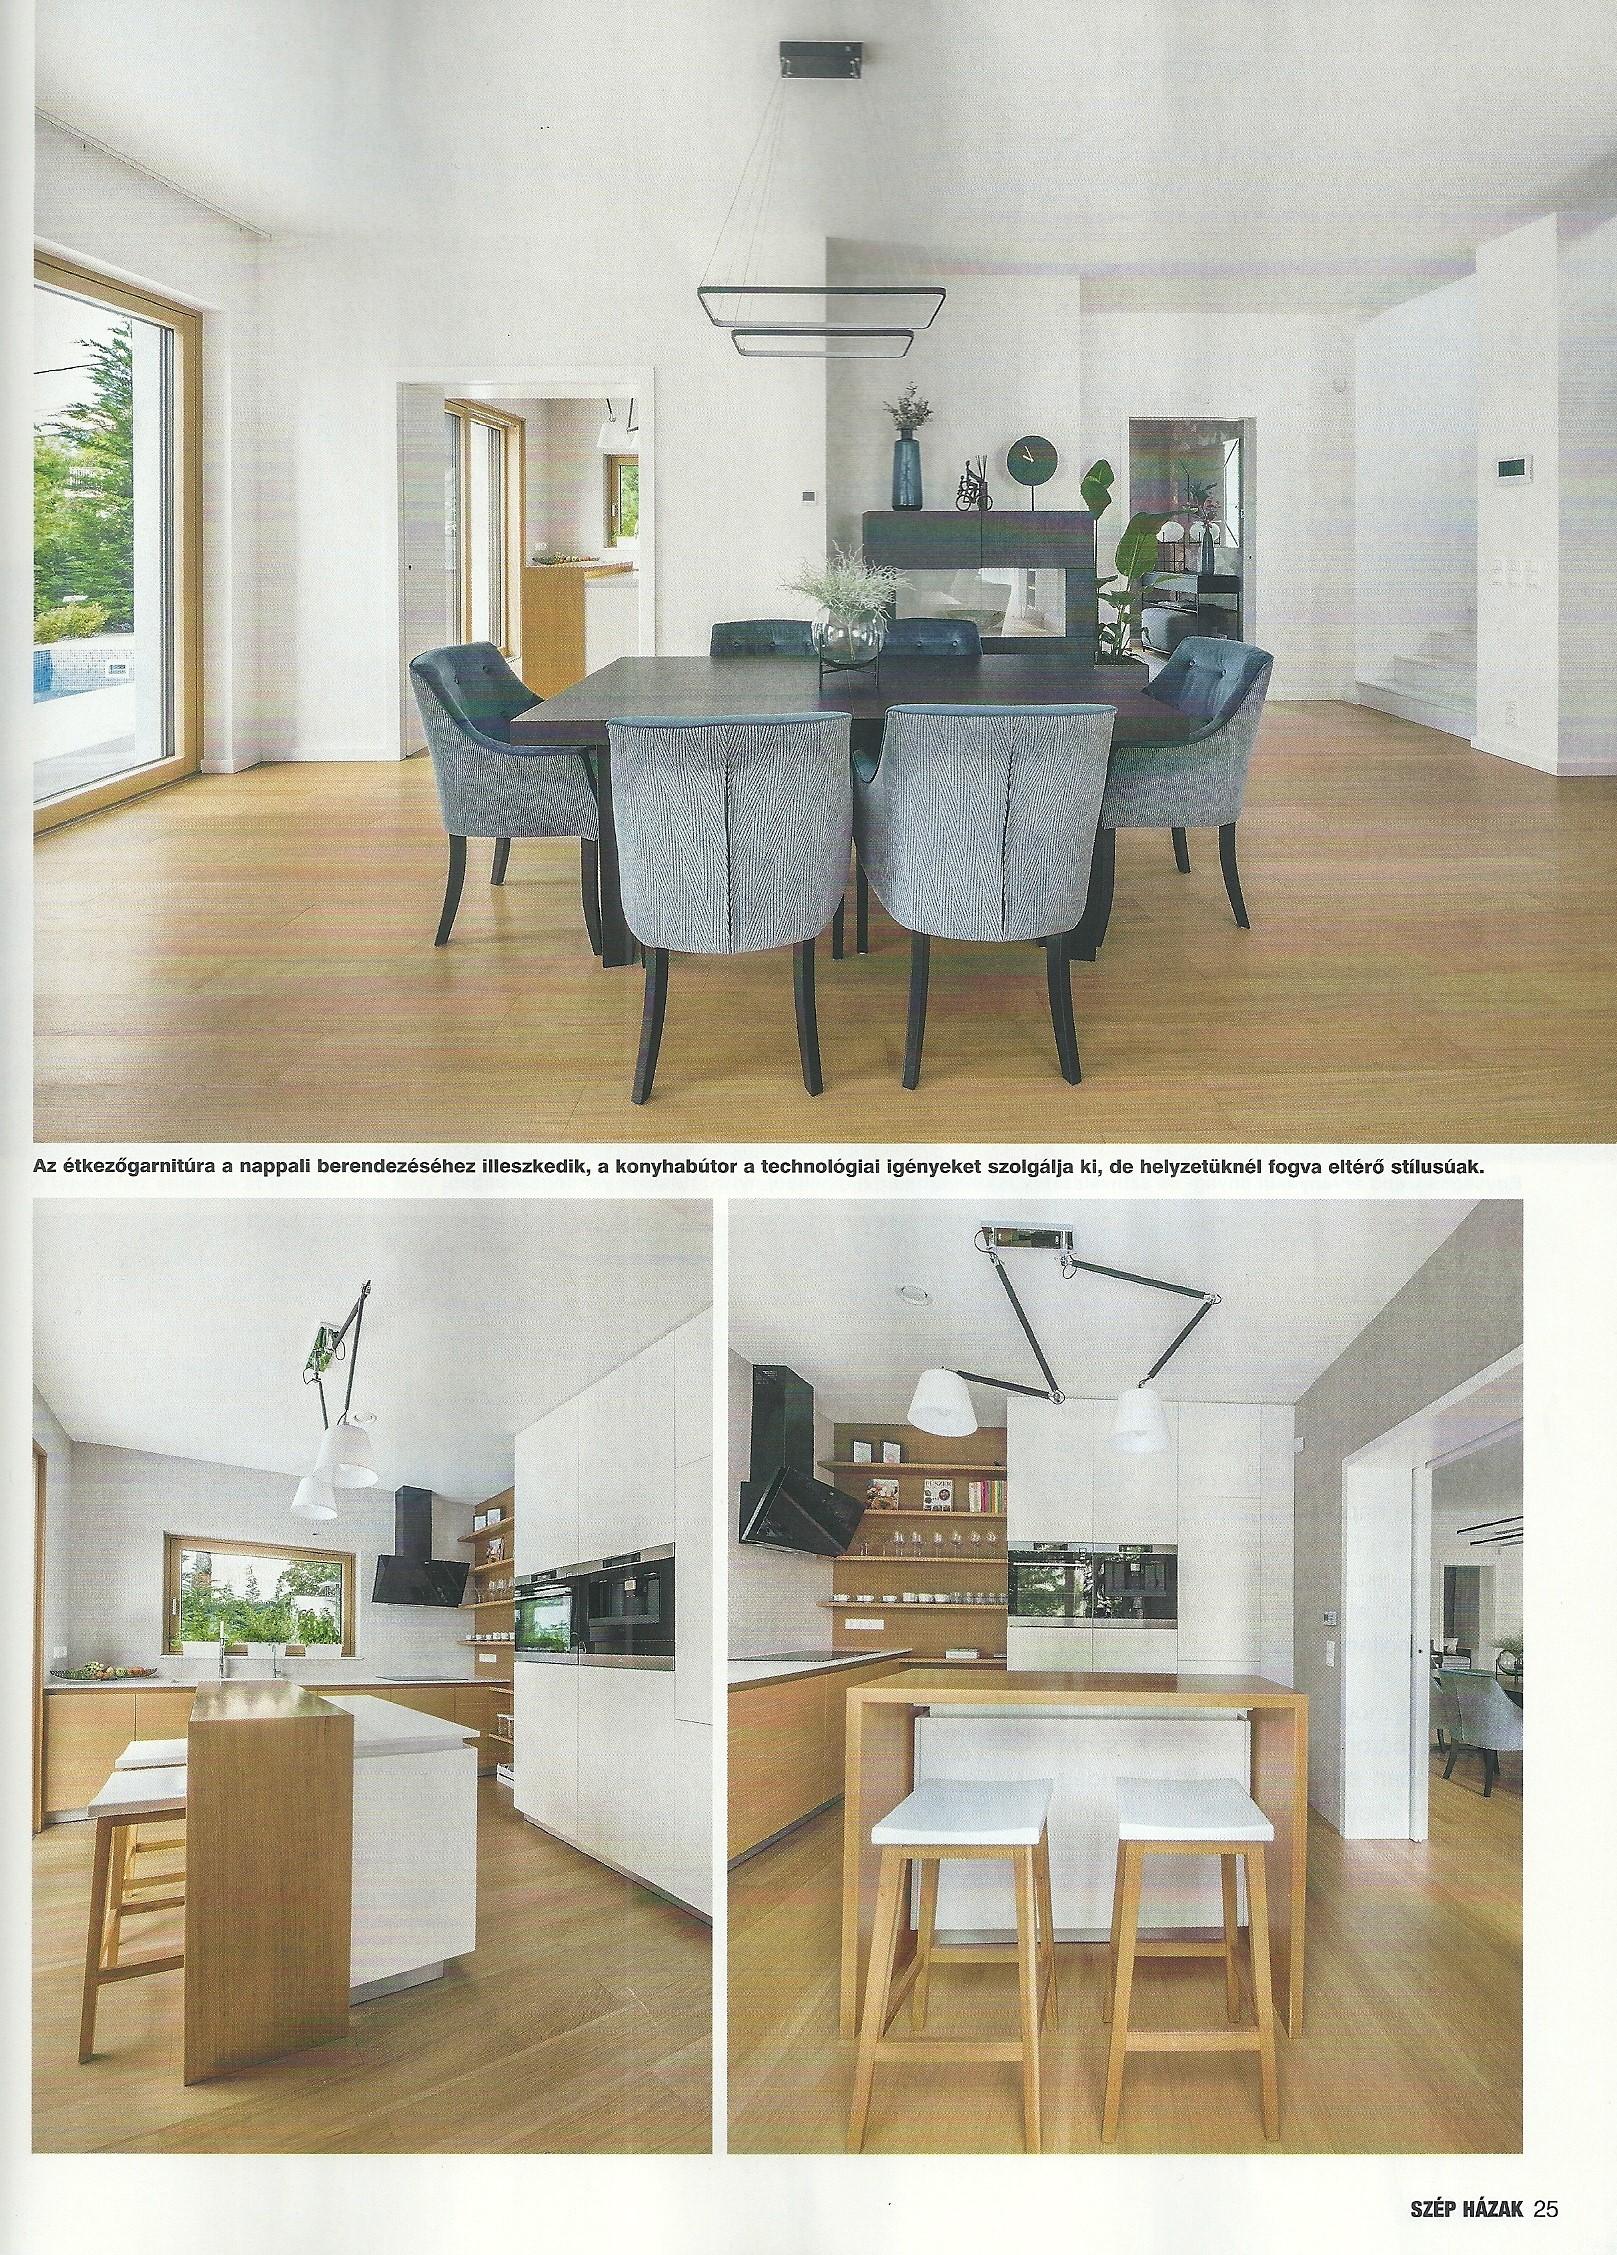 a SZÉP HÁZAK című építészeti és lakberendezési szaklapban szereplő referenciánk